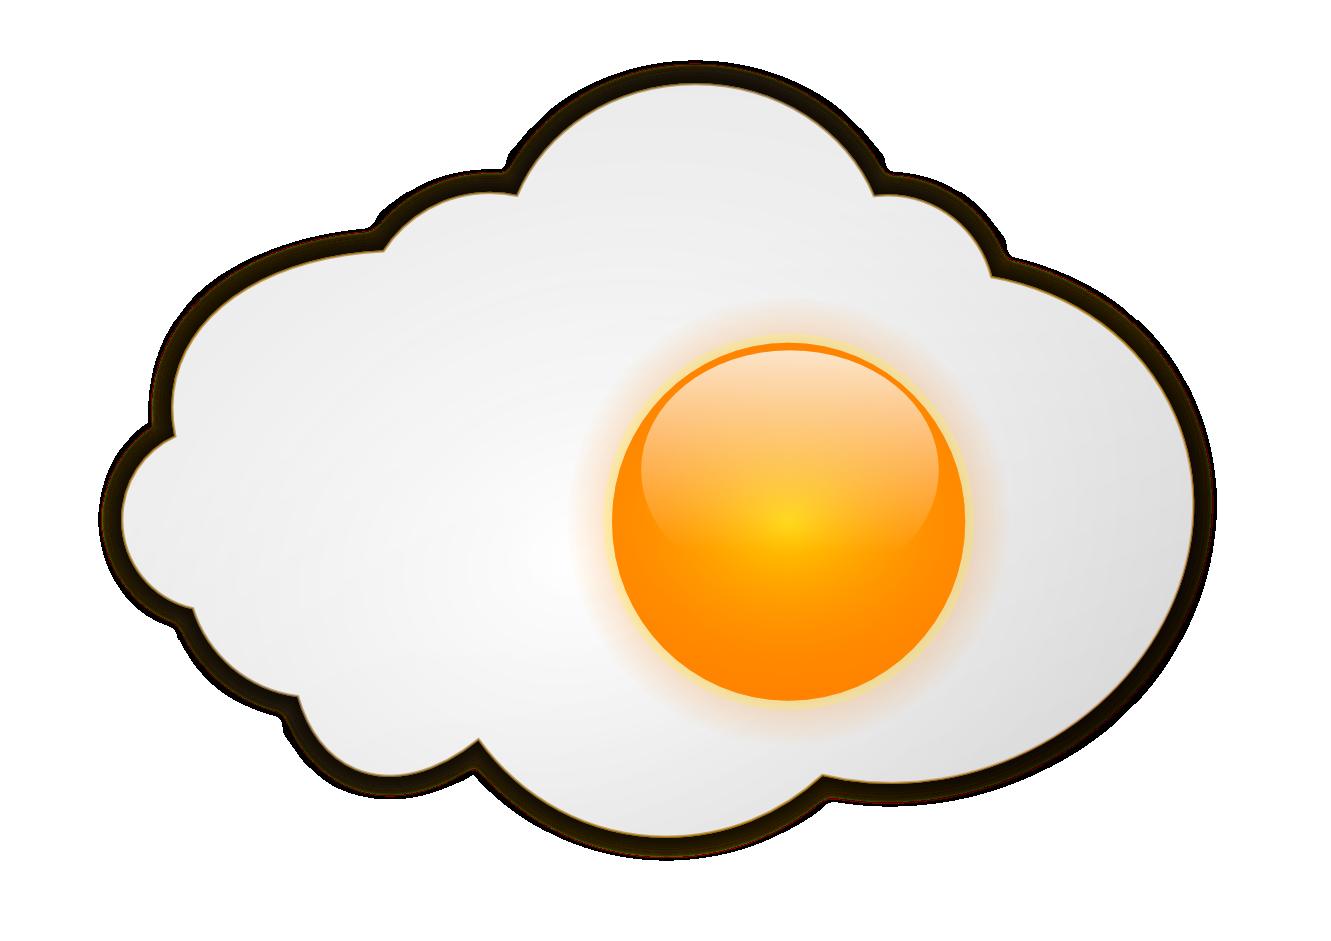 Fried Egg clipart transparent Image egg egg Fried image